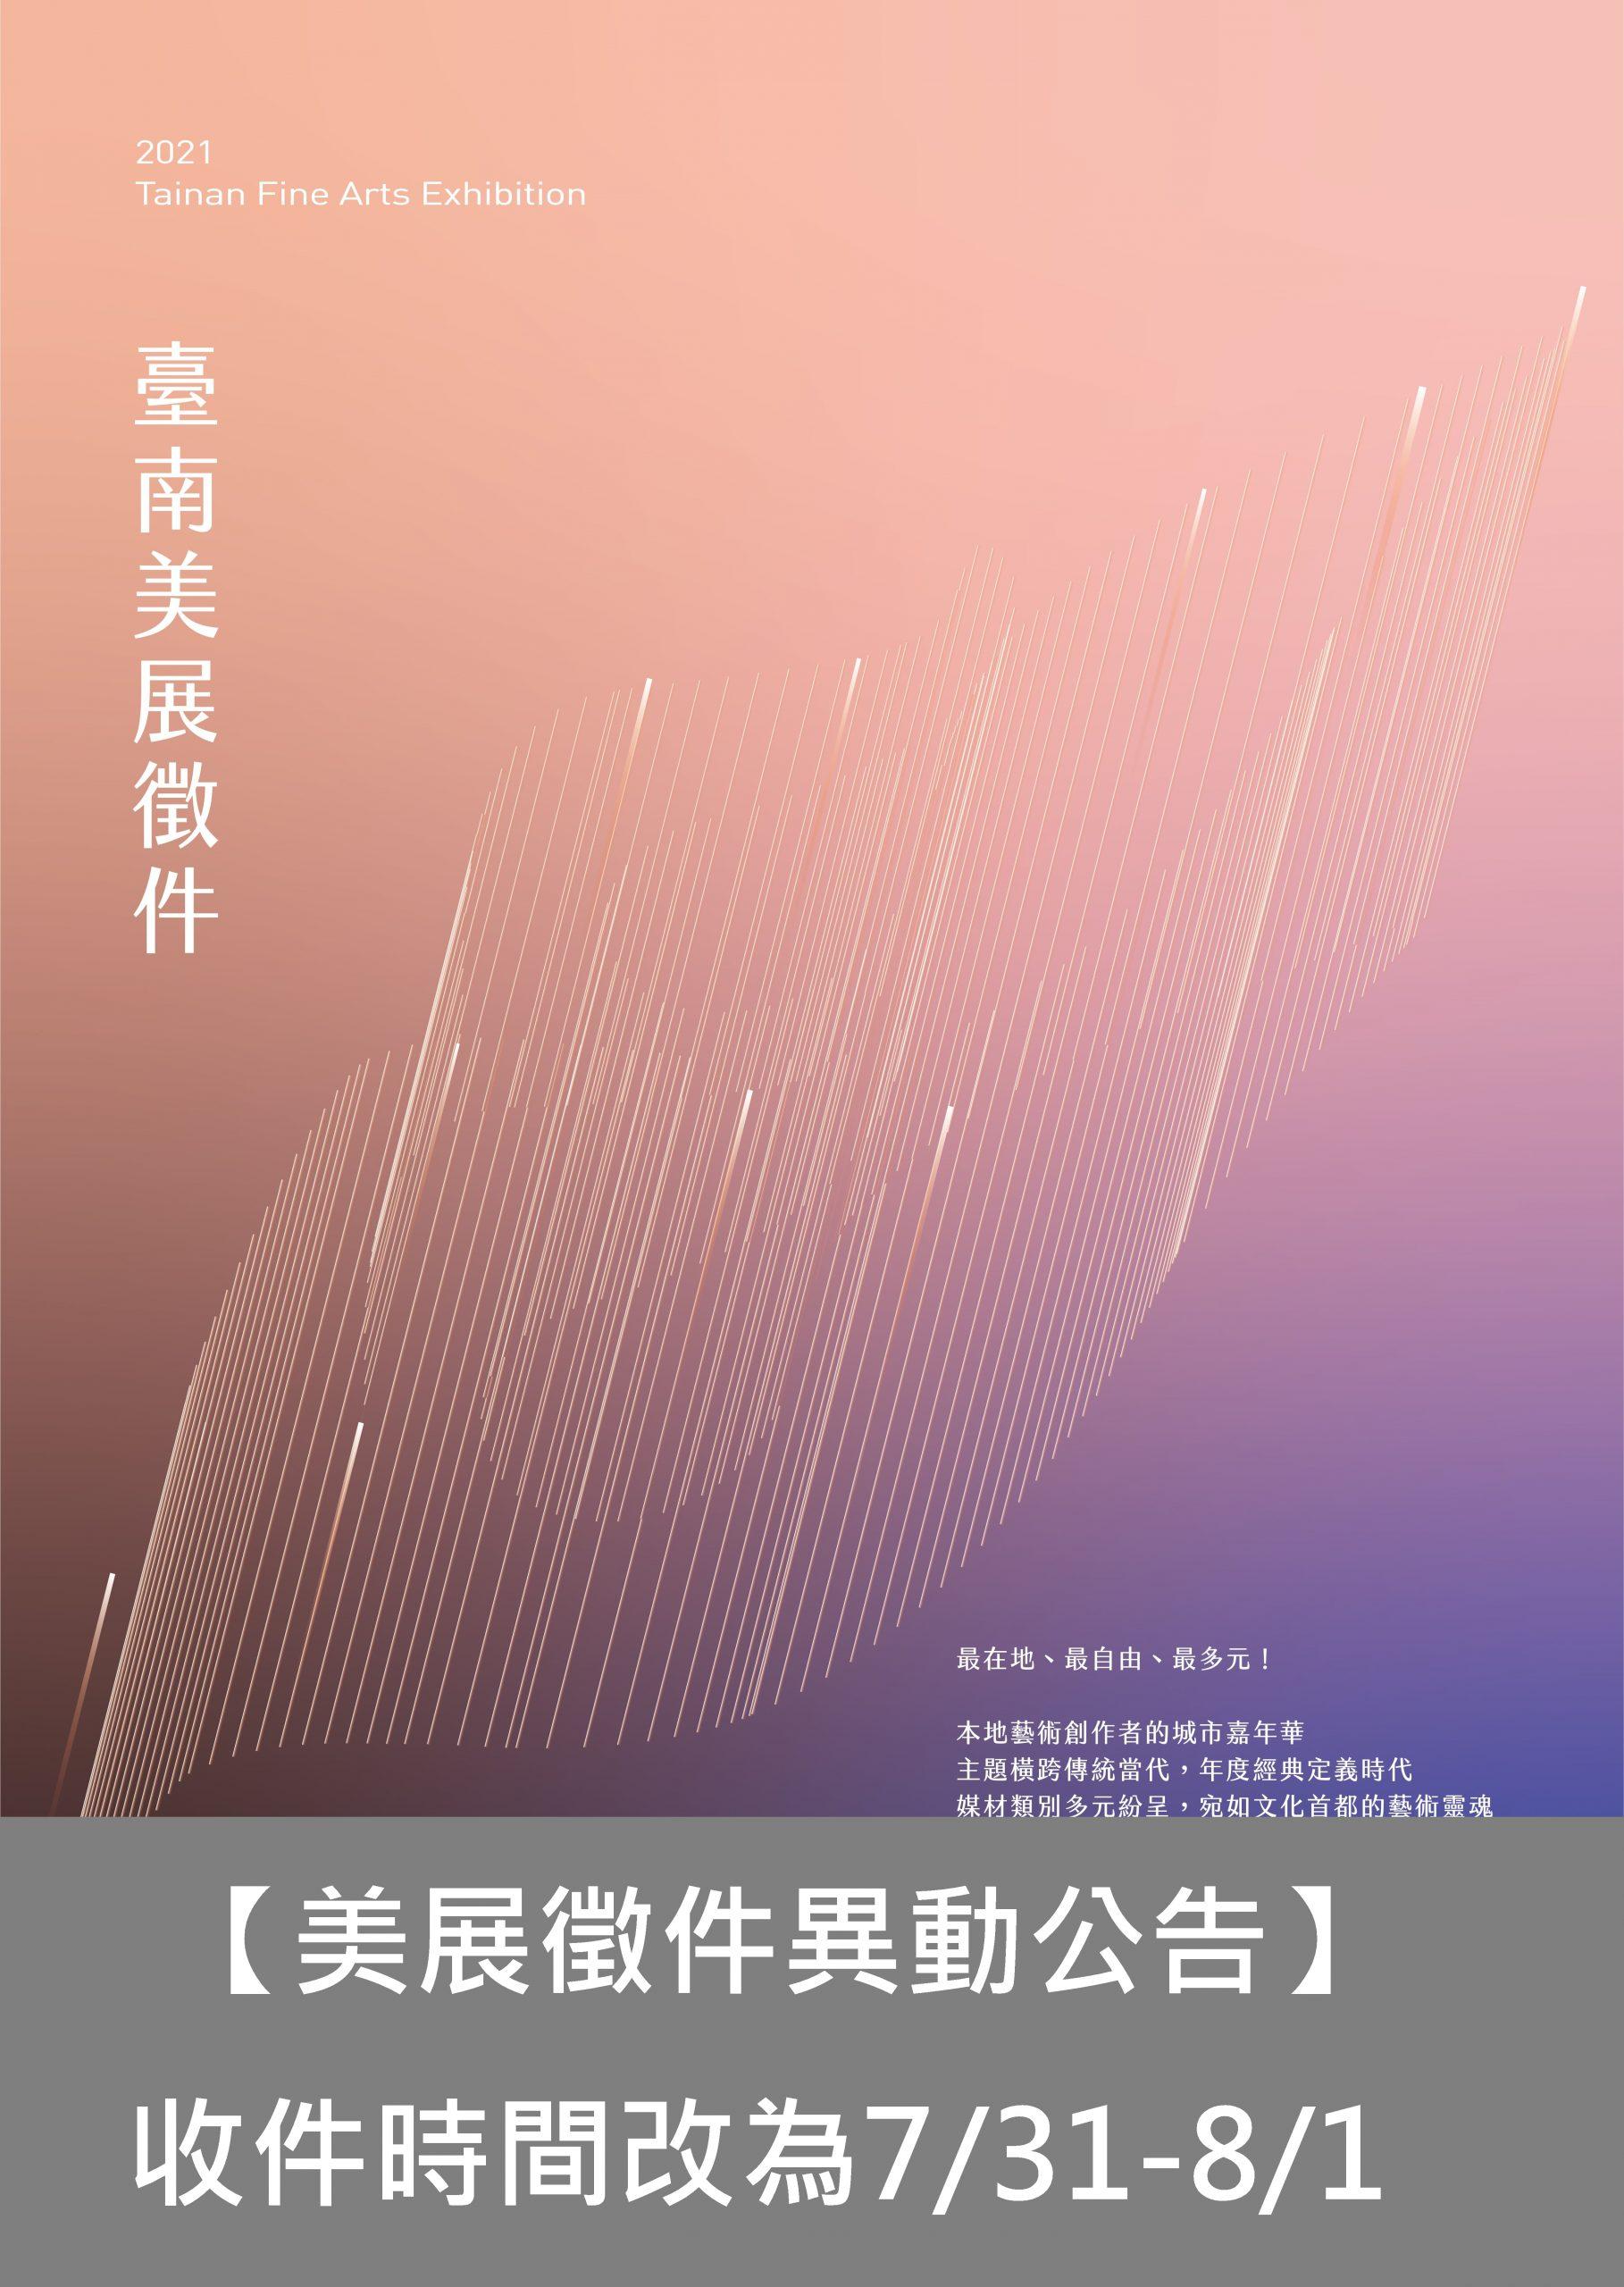 臺南美展徵件延期至7/31-8/1